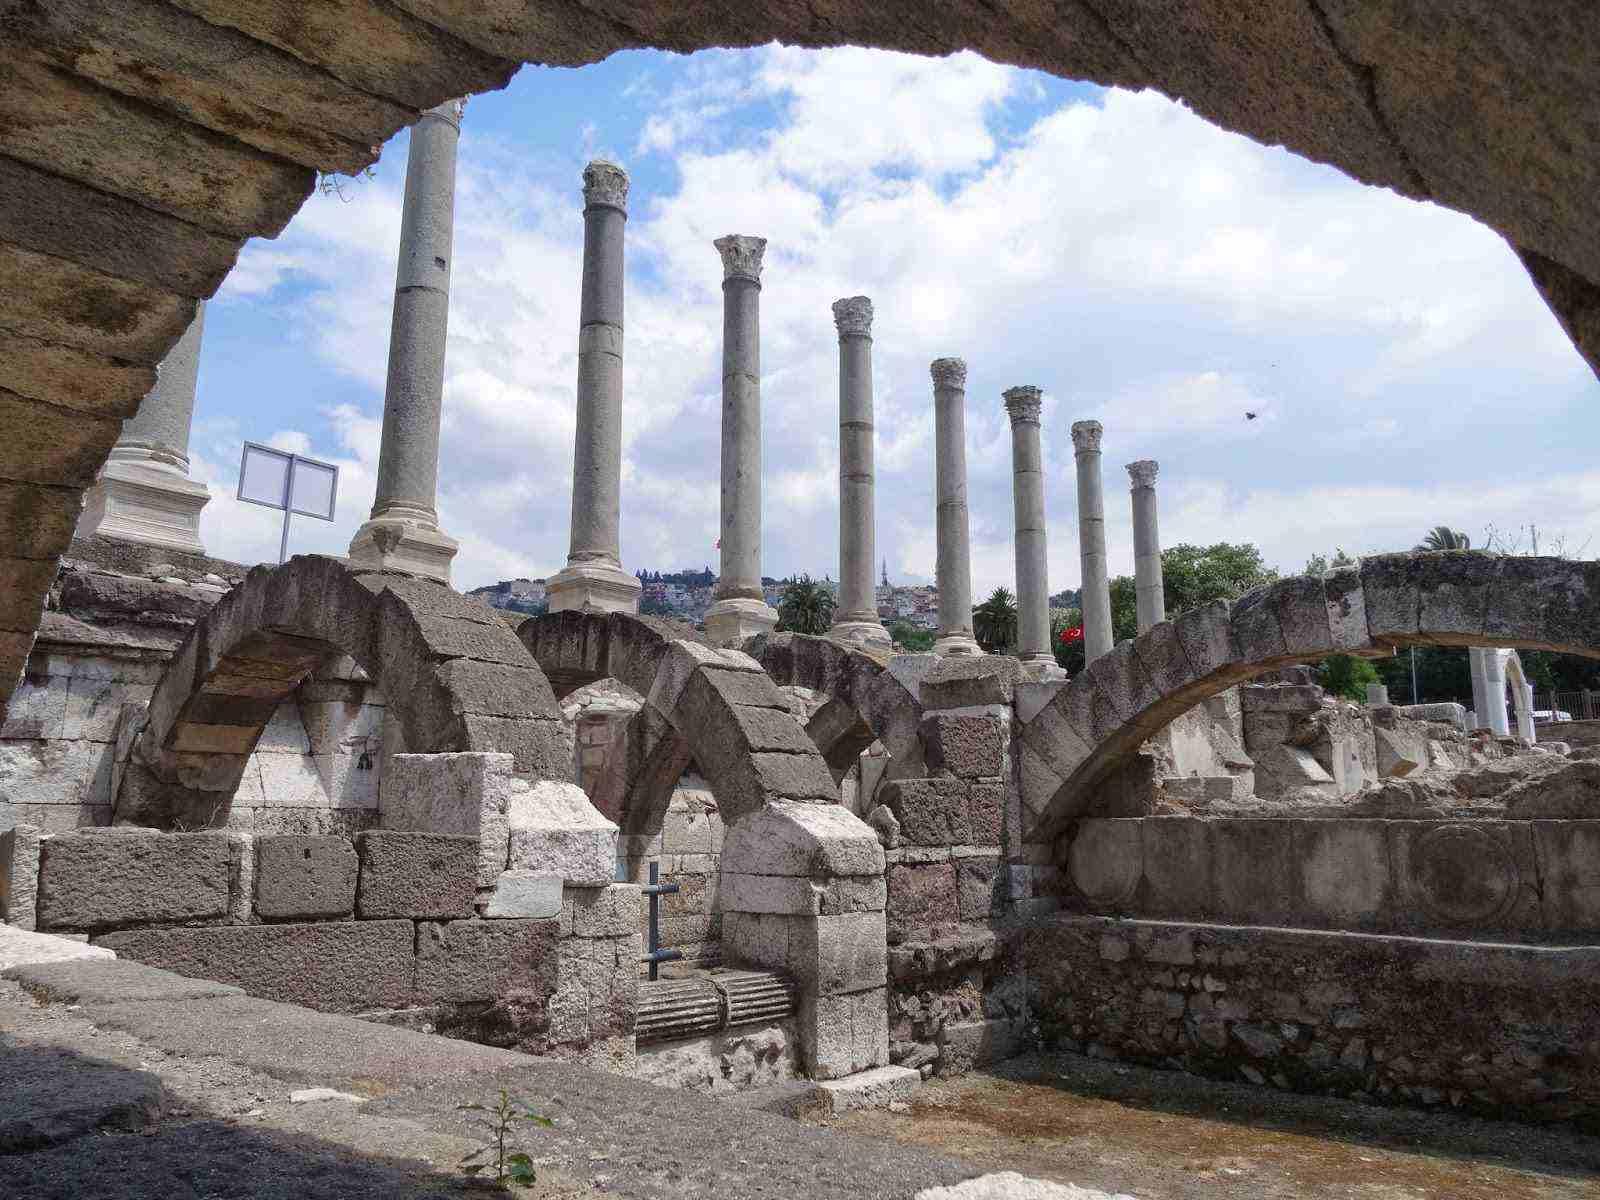 مدينة اغورا التاريخية من اشهر معالم السياحة في ازمير وهي من الاماكن السياحية في ازمير التي تحظى باهتمام السياح فلا تفوتوا زيارتها باعتبارها احدا المناطق السياحية في ازمير